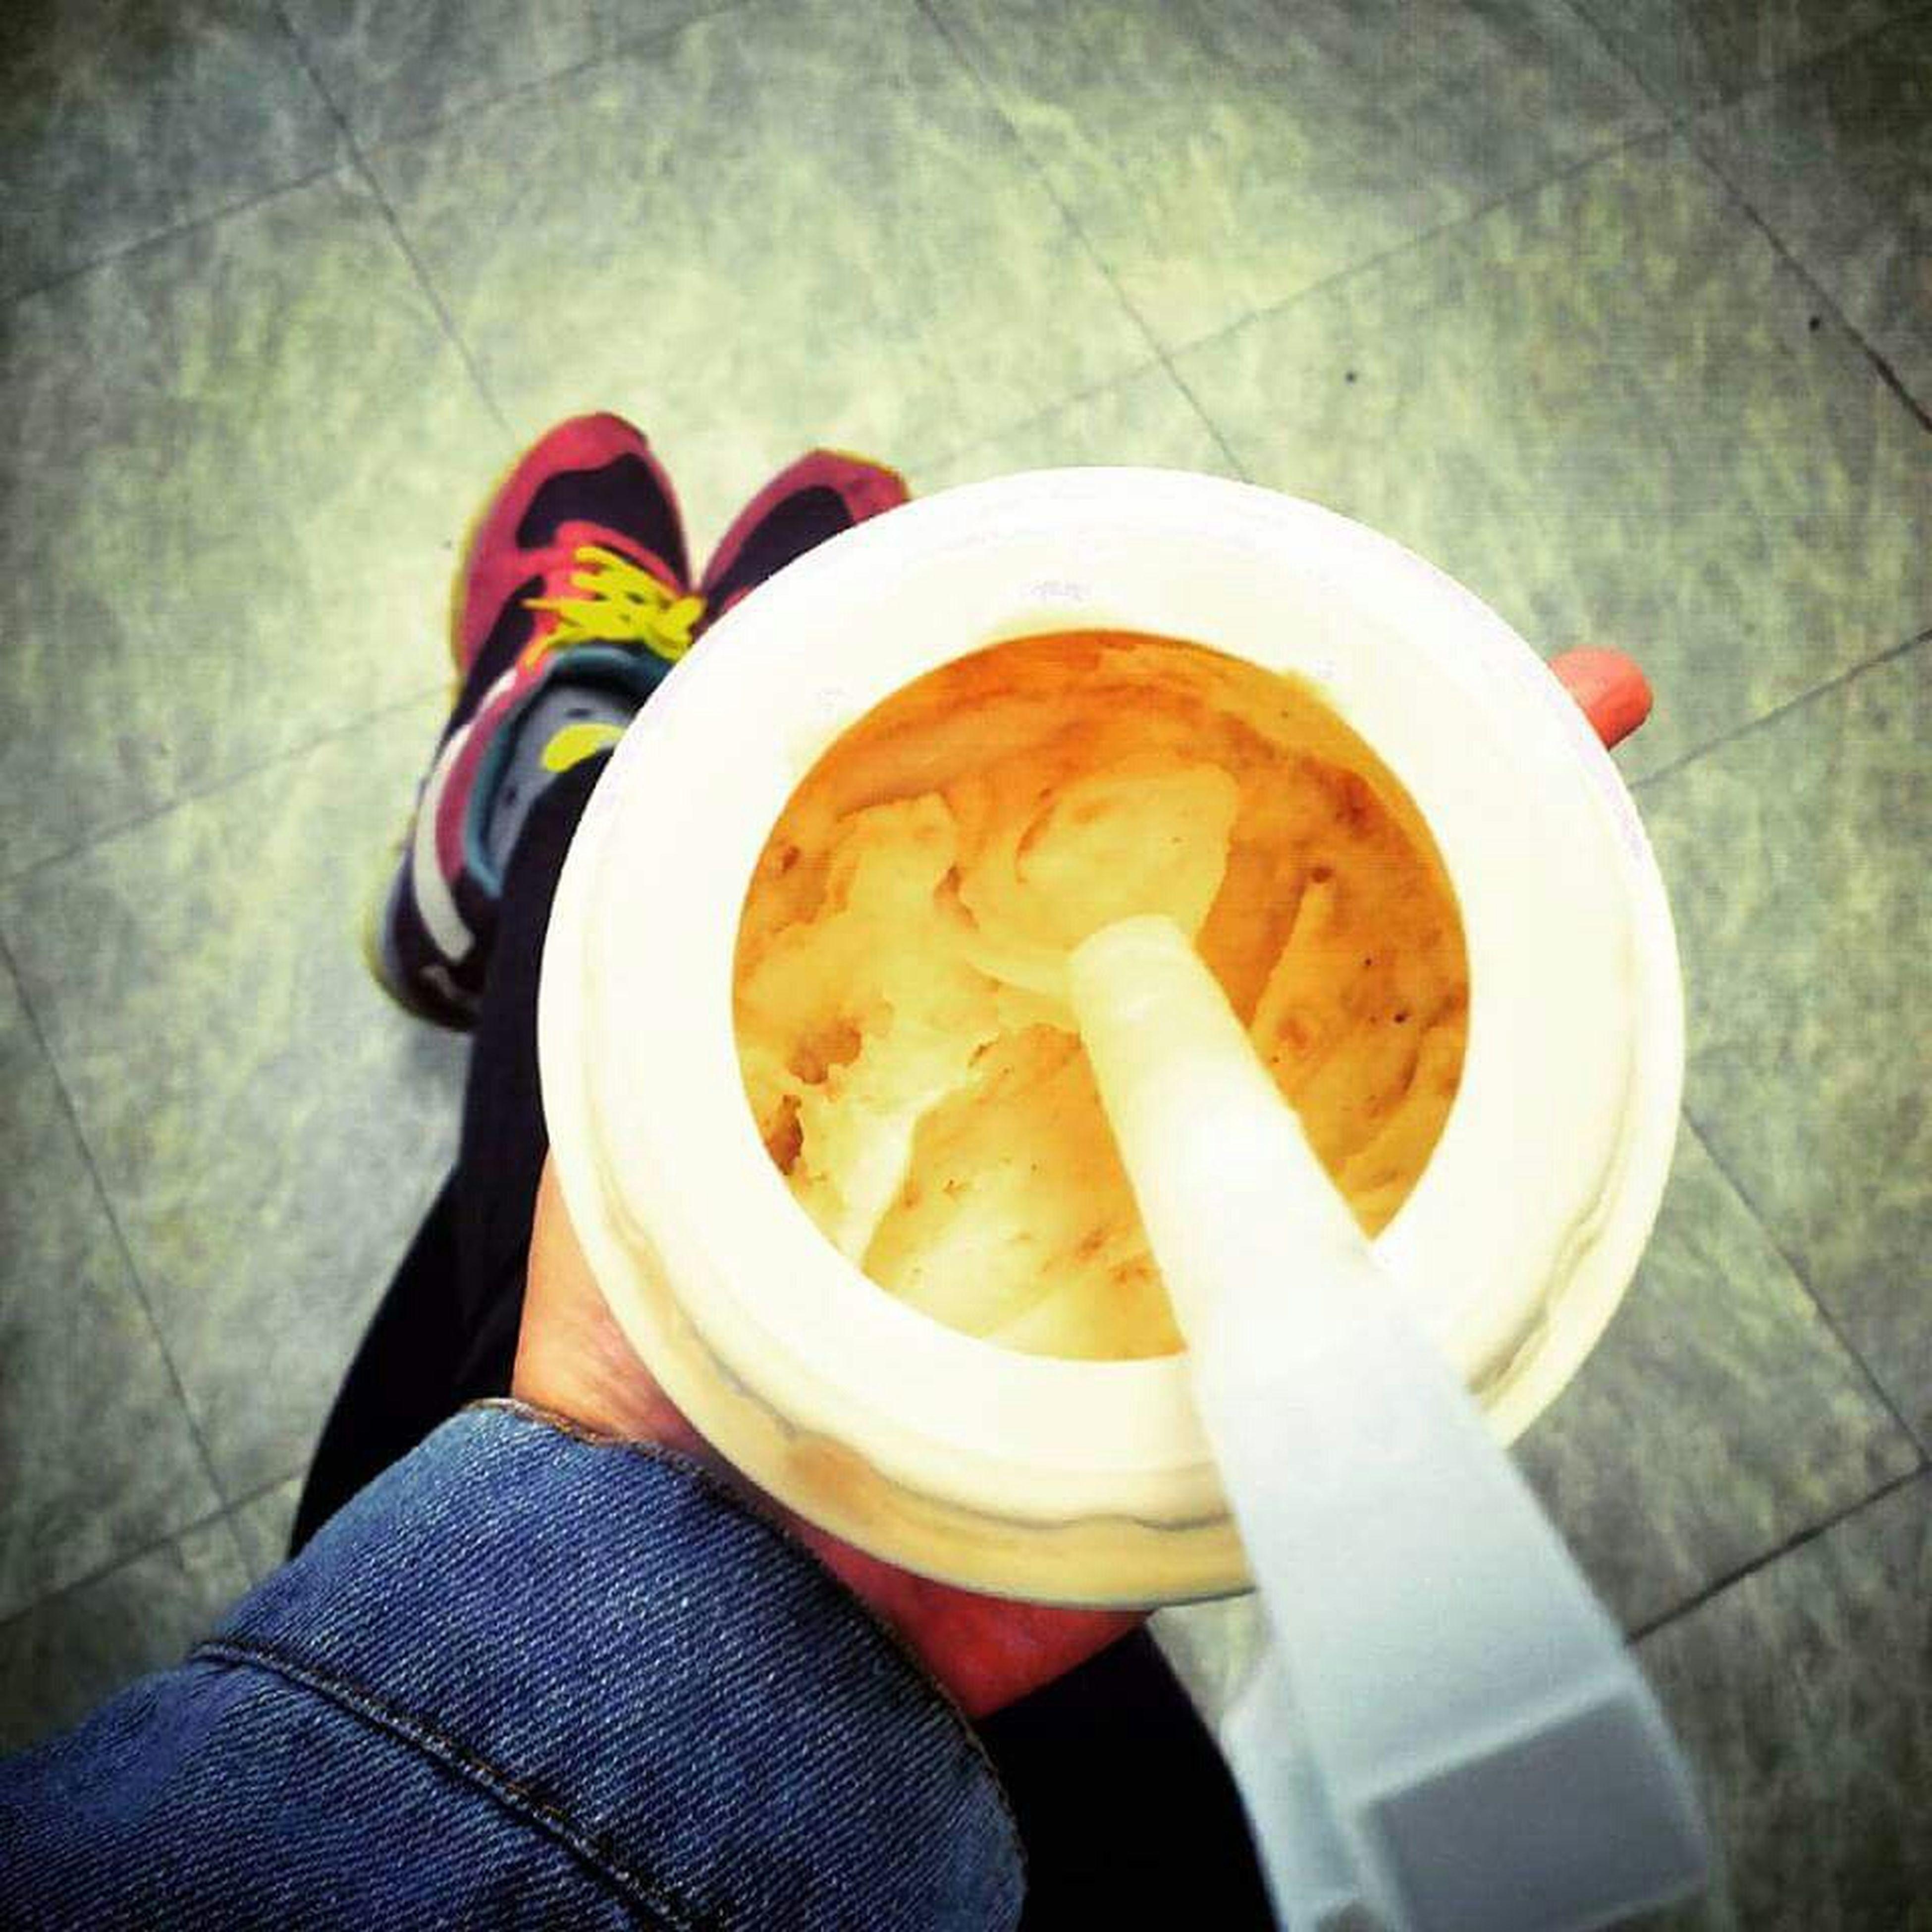 花生冰炫風出乎我意料之外的好吃('∀') ✓之前的 紅玉冰炫風我也喜歡!! Peanut Ice Cream Awesome Taiwan Mcdonalds 花生 冰炫風 紅茶